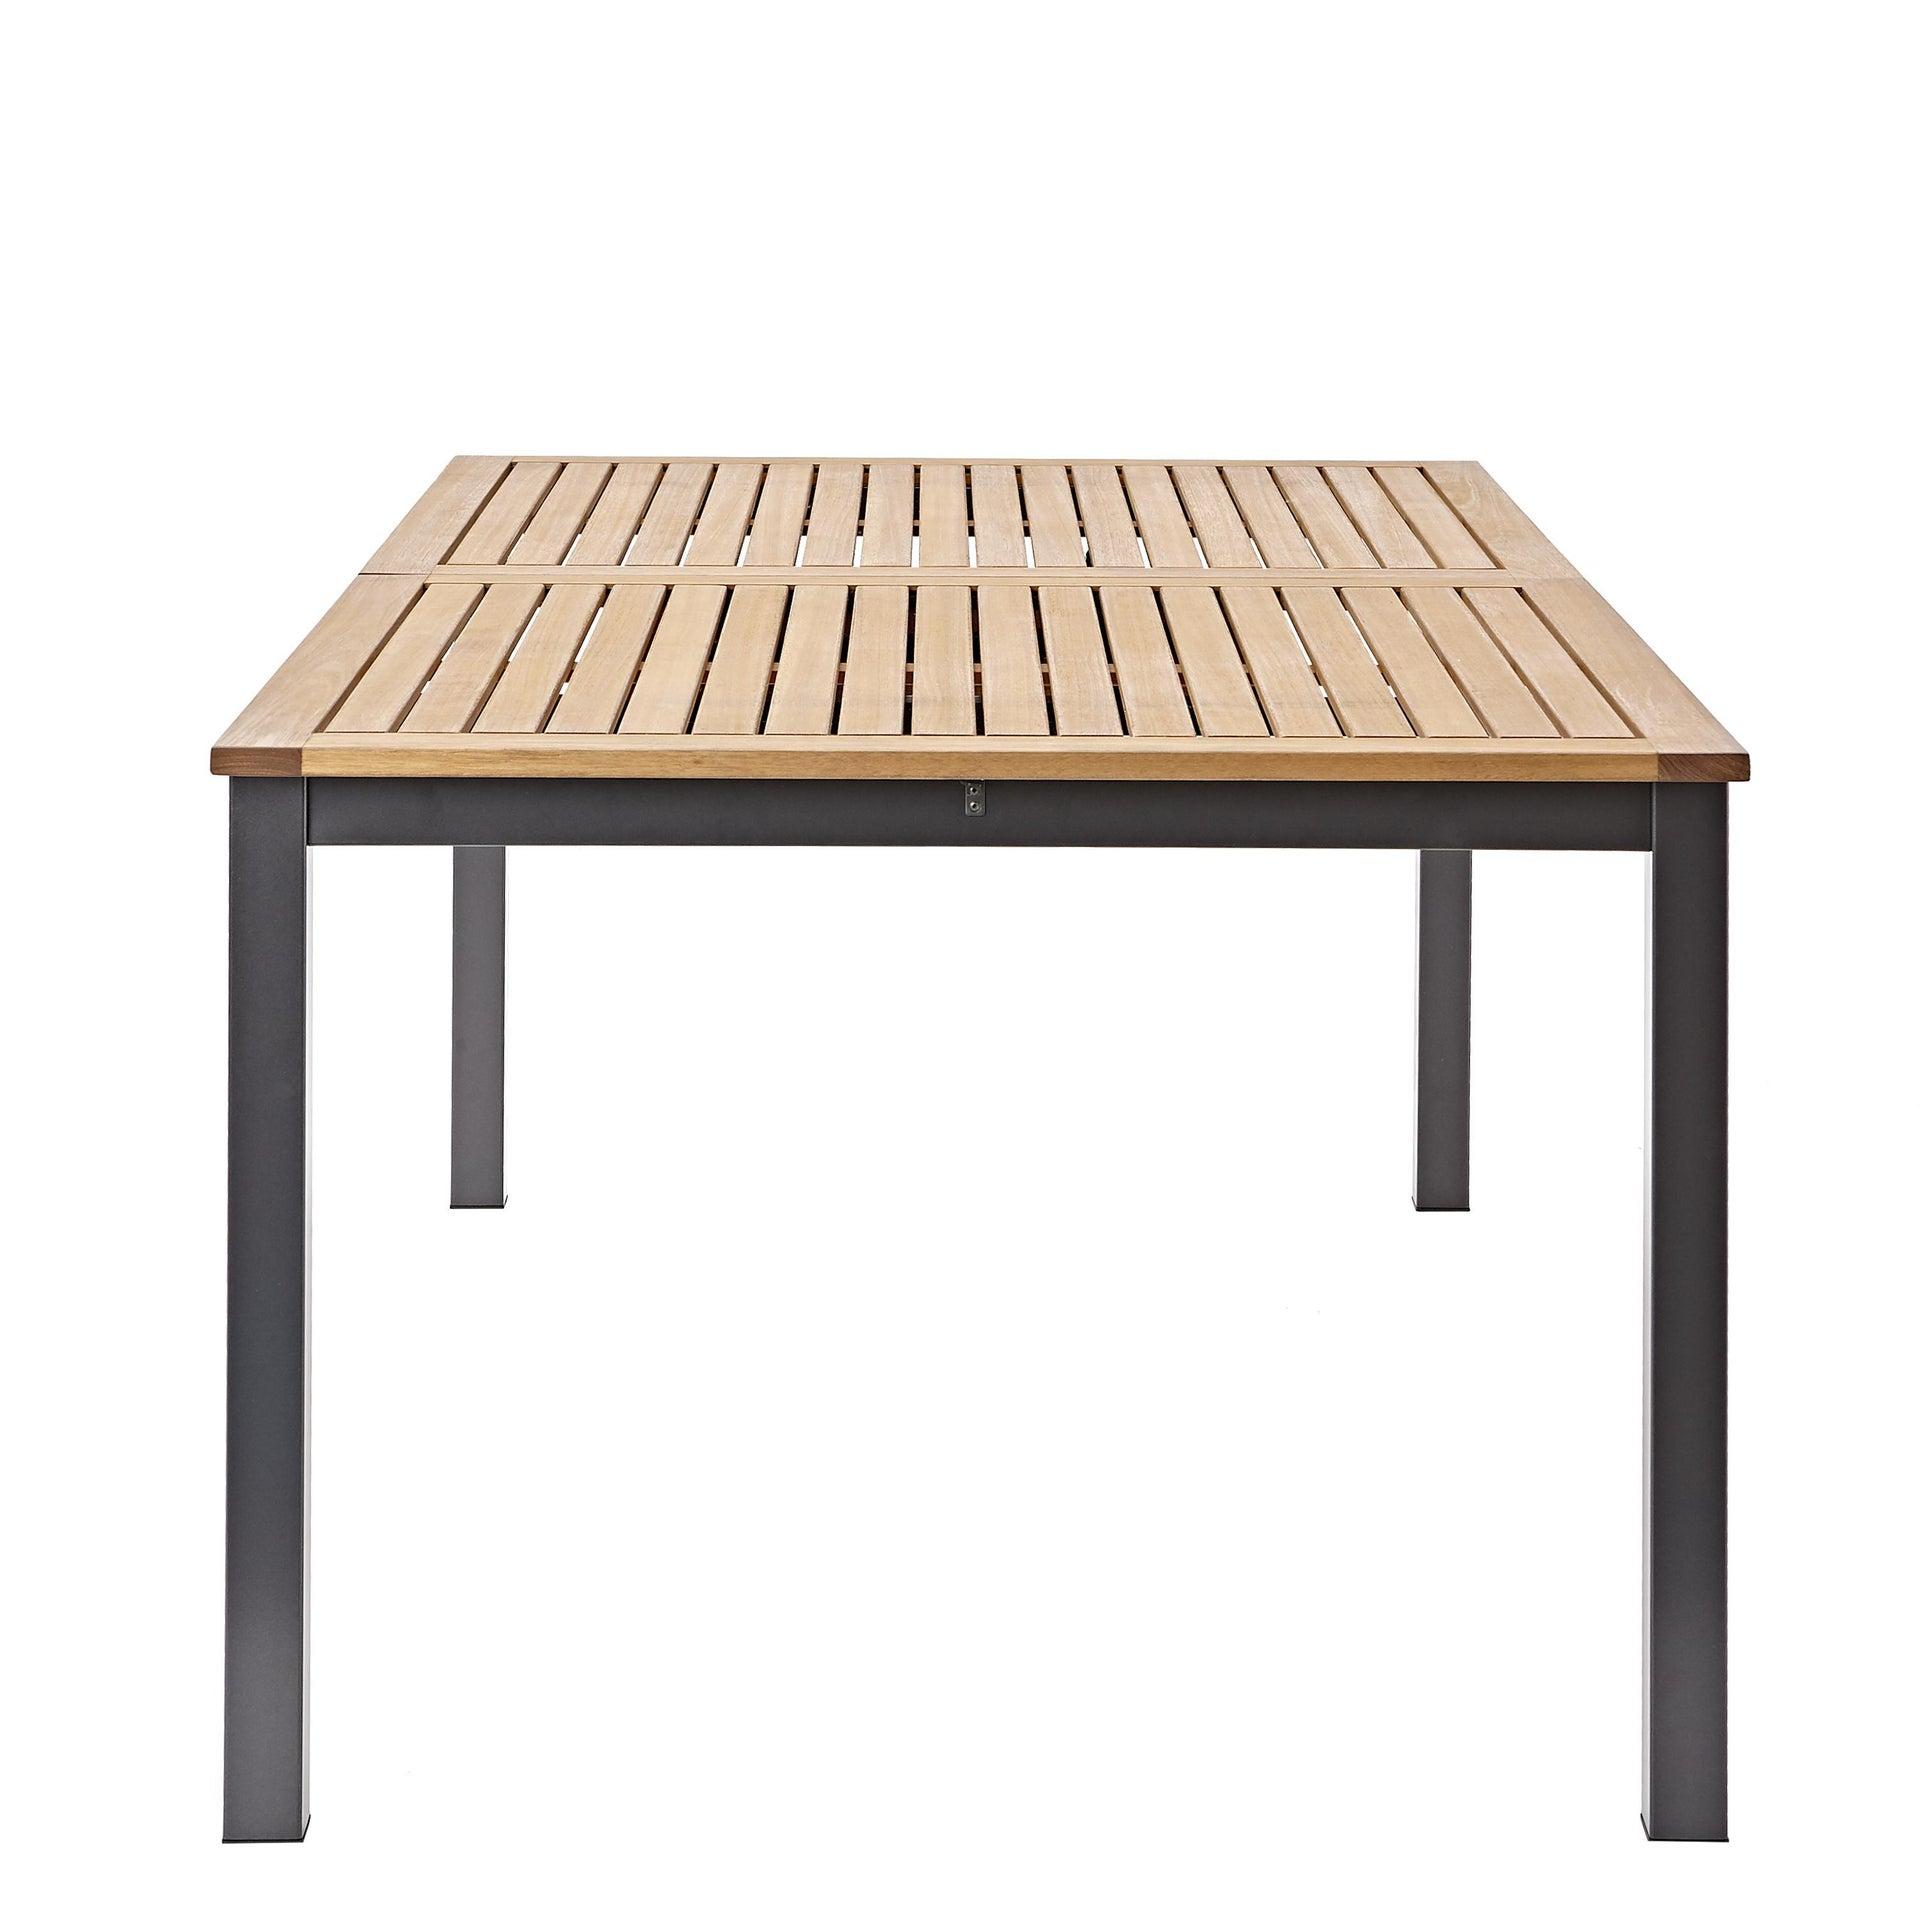 Tavolo da giardino allungabile rettangolare Oris NATERIAL con piano in legno L 180/240 x P 98.9 cm - 6